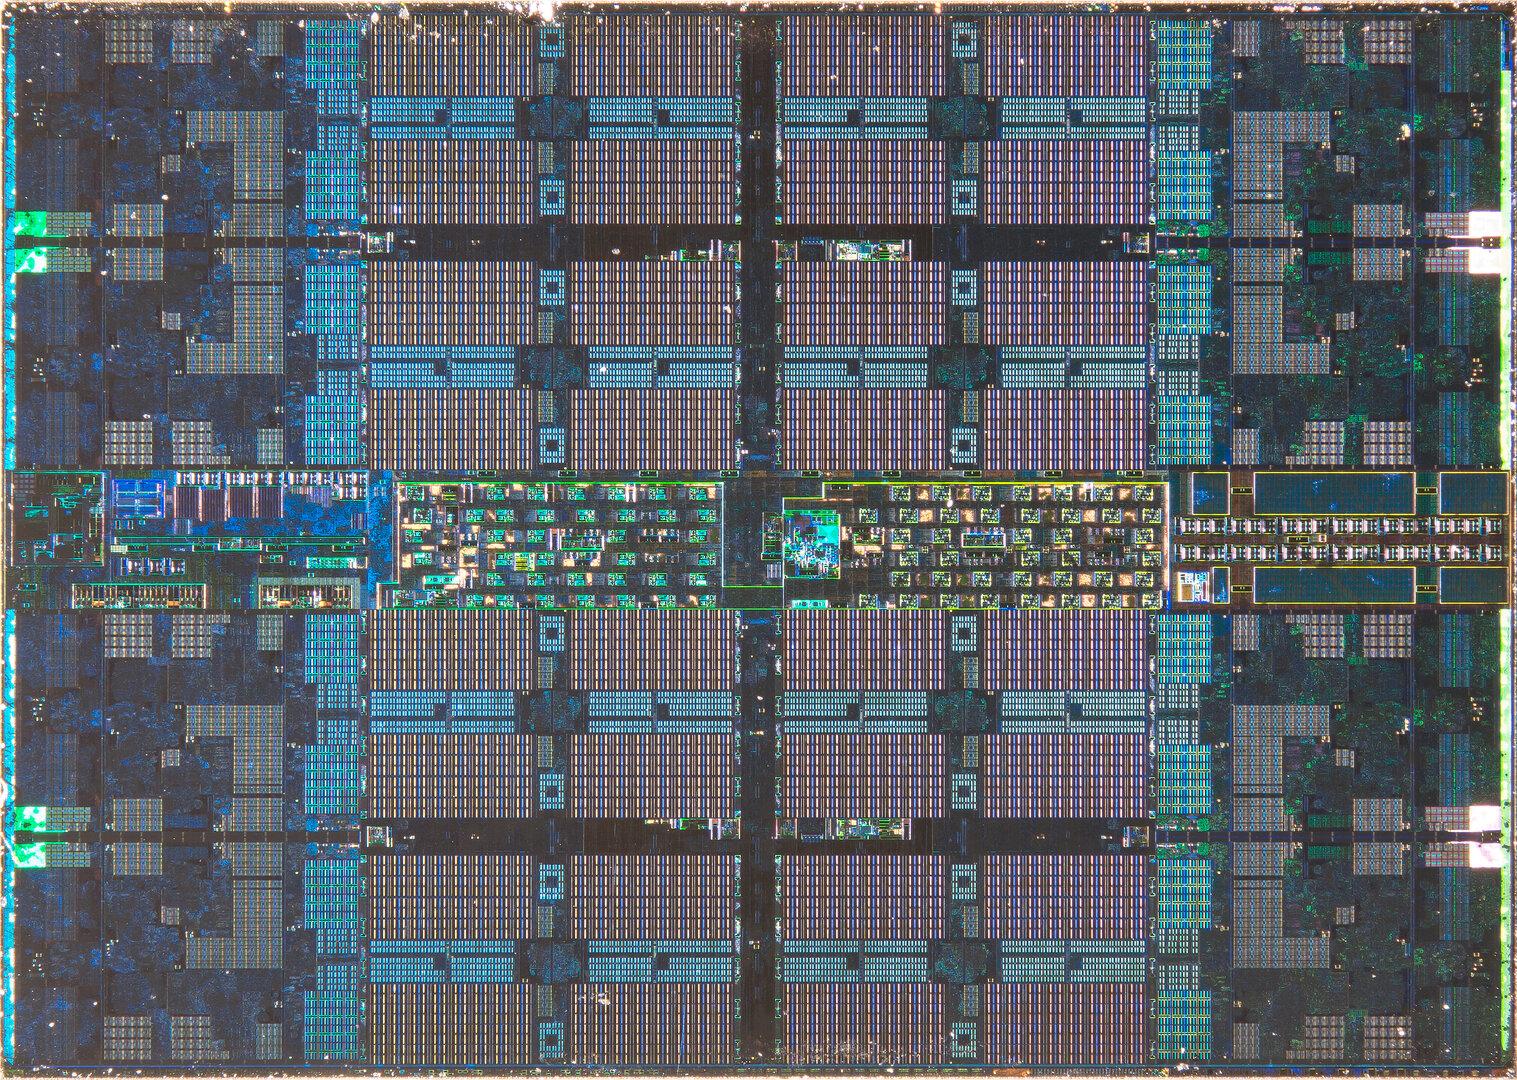 Zen 2 CCD: Acht Kerne am Rand und 32 MByte L3-Cache in der Mitte